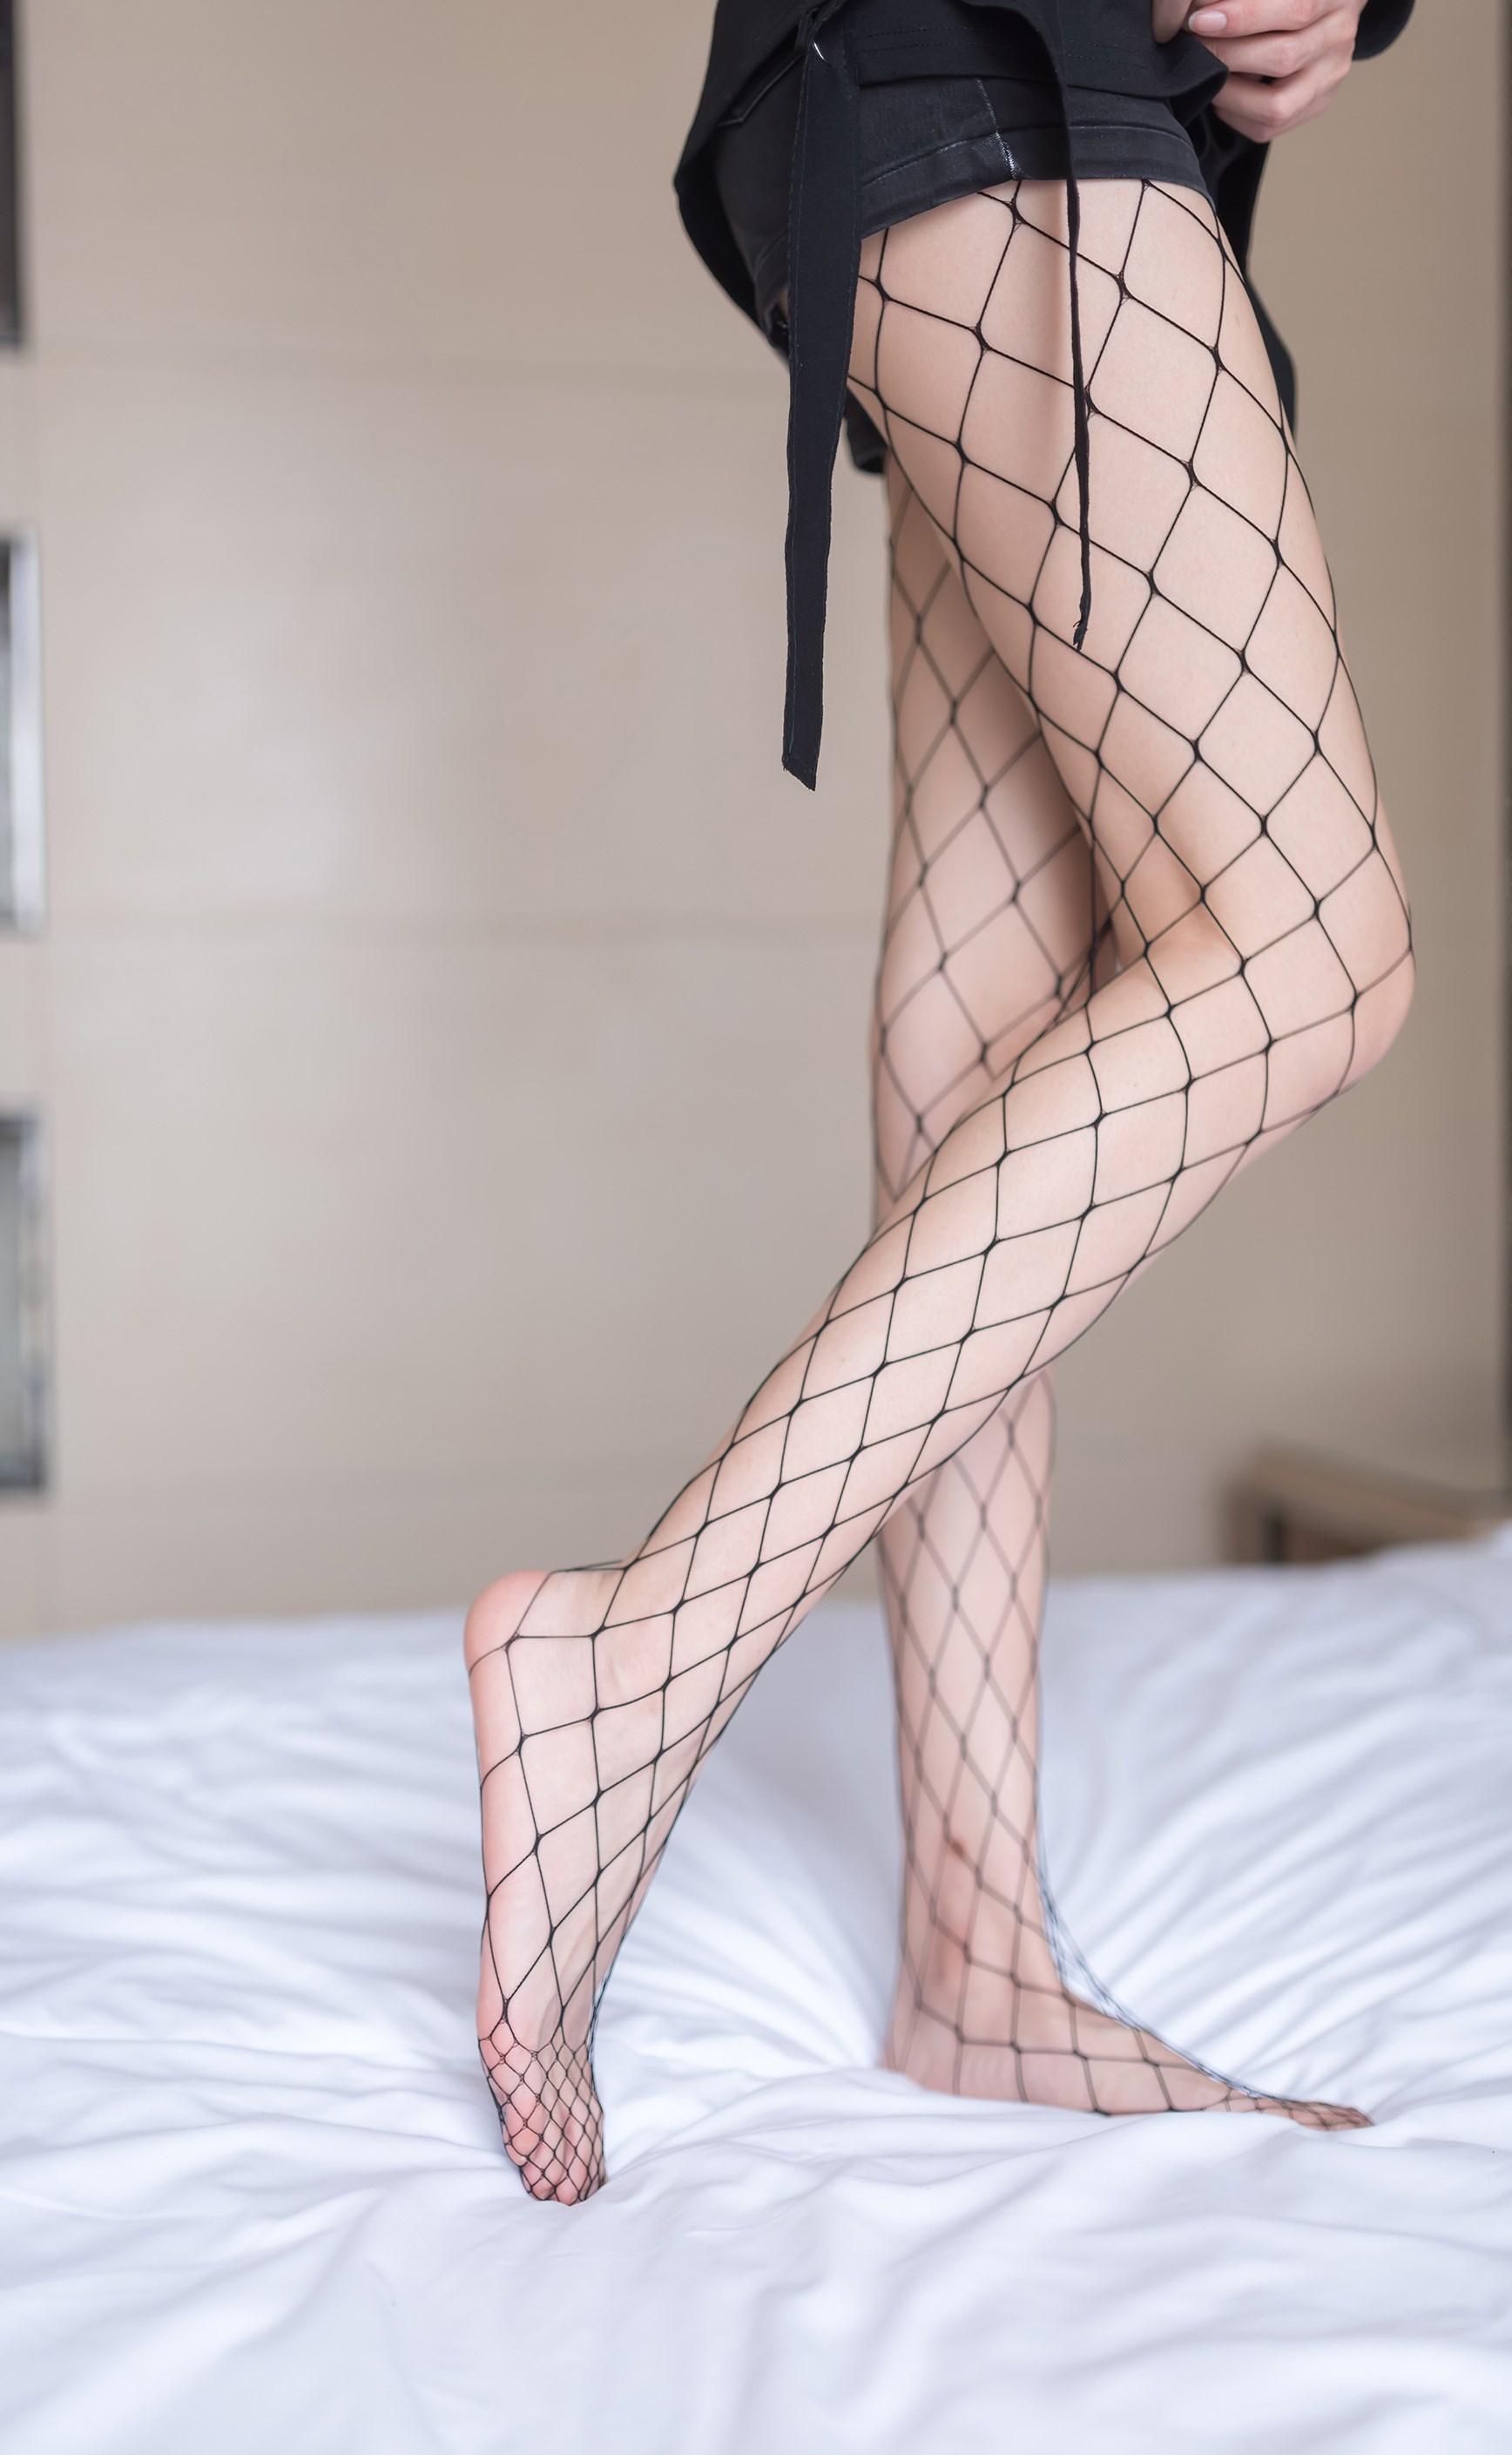 【兔玩映画】网袜少女! 兔玩映画 第28张